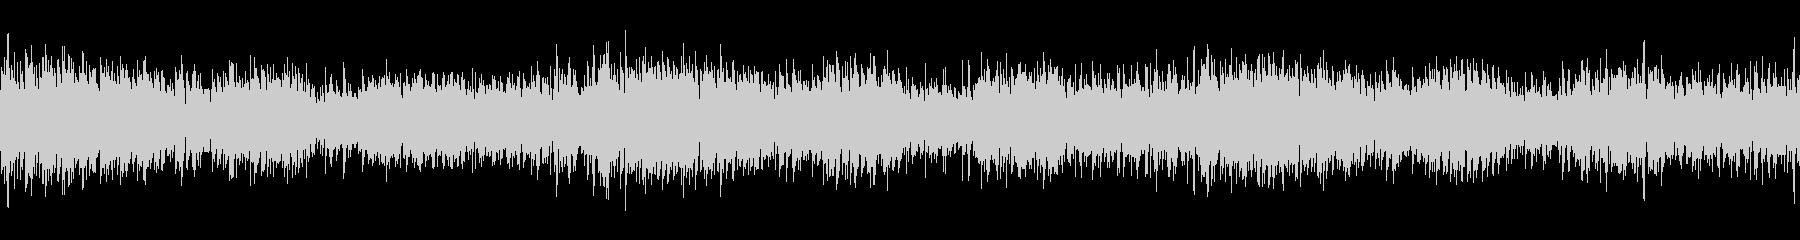 ニュース映像に合うガムラン鉄琴&カリンバの未再生の波形